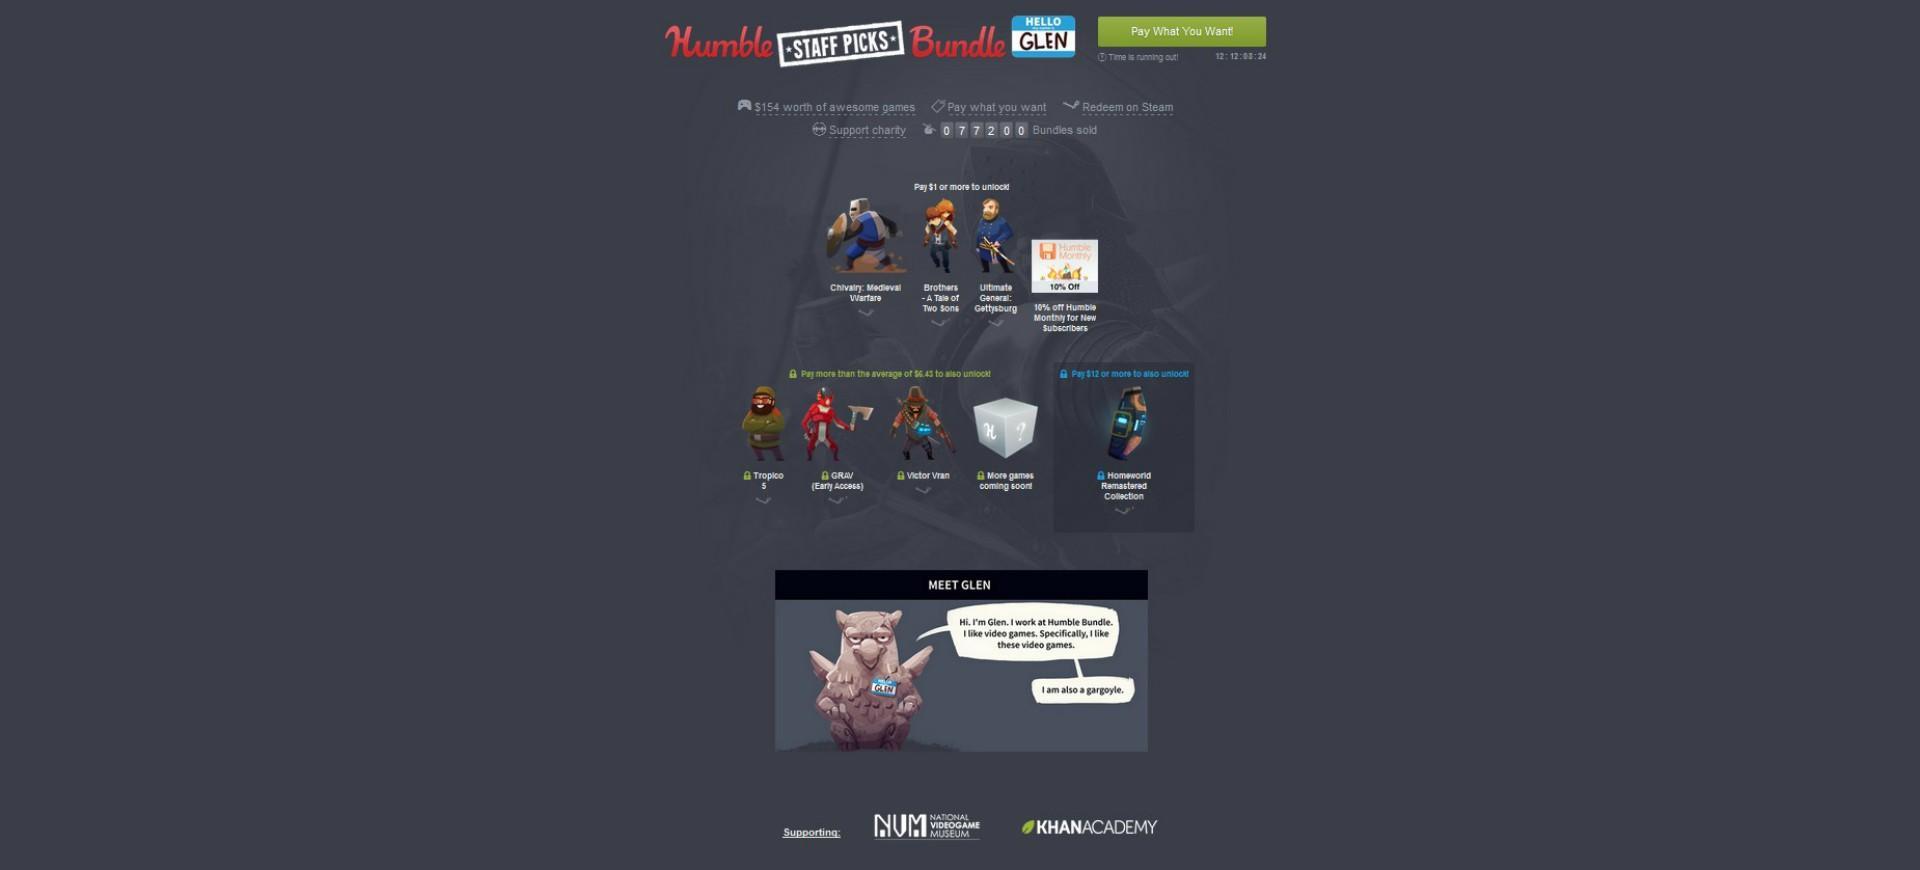 Humble Bundle giới thiệu gói game Humble Staff Picks Bundle: Glen